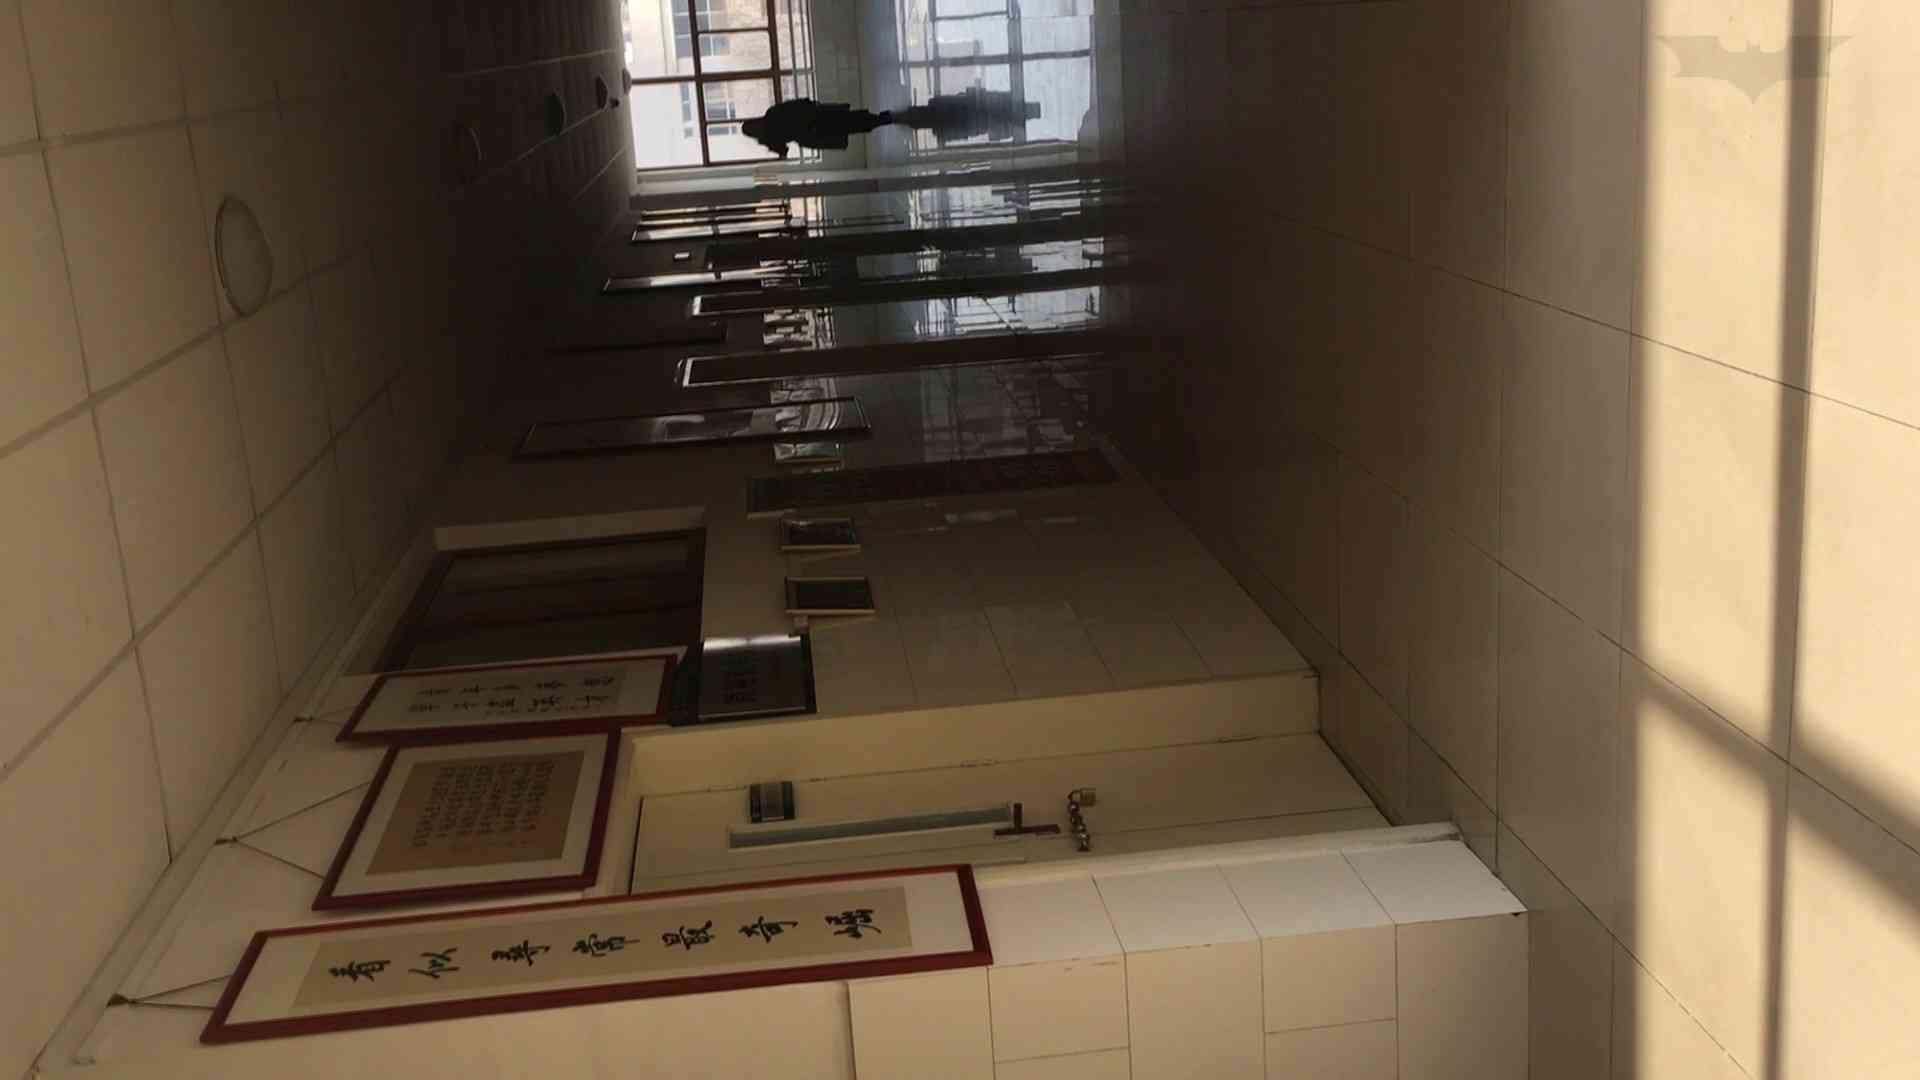 芸術大学ガチ潜入盗撮 JD盗撮 美女の洗面所の秘密 Vol.88 トイレで・・・ セックス画像 16画像 10